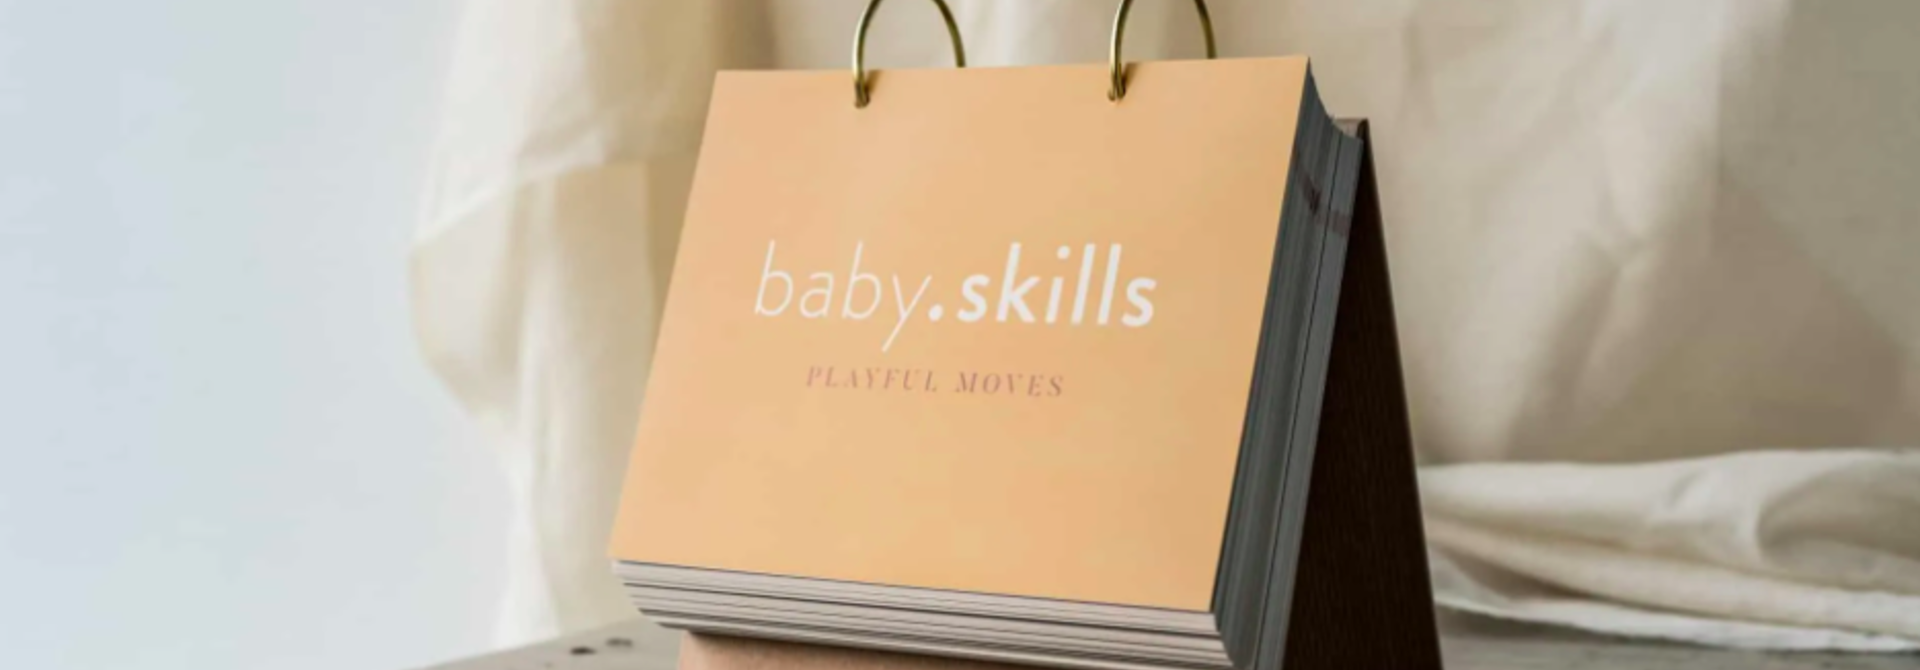 baby.skills kalender